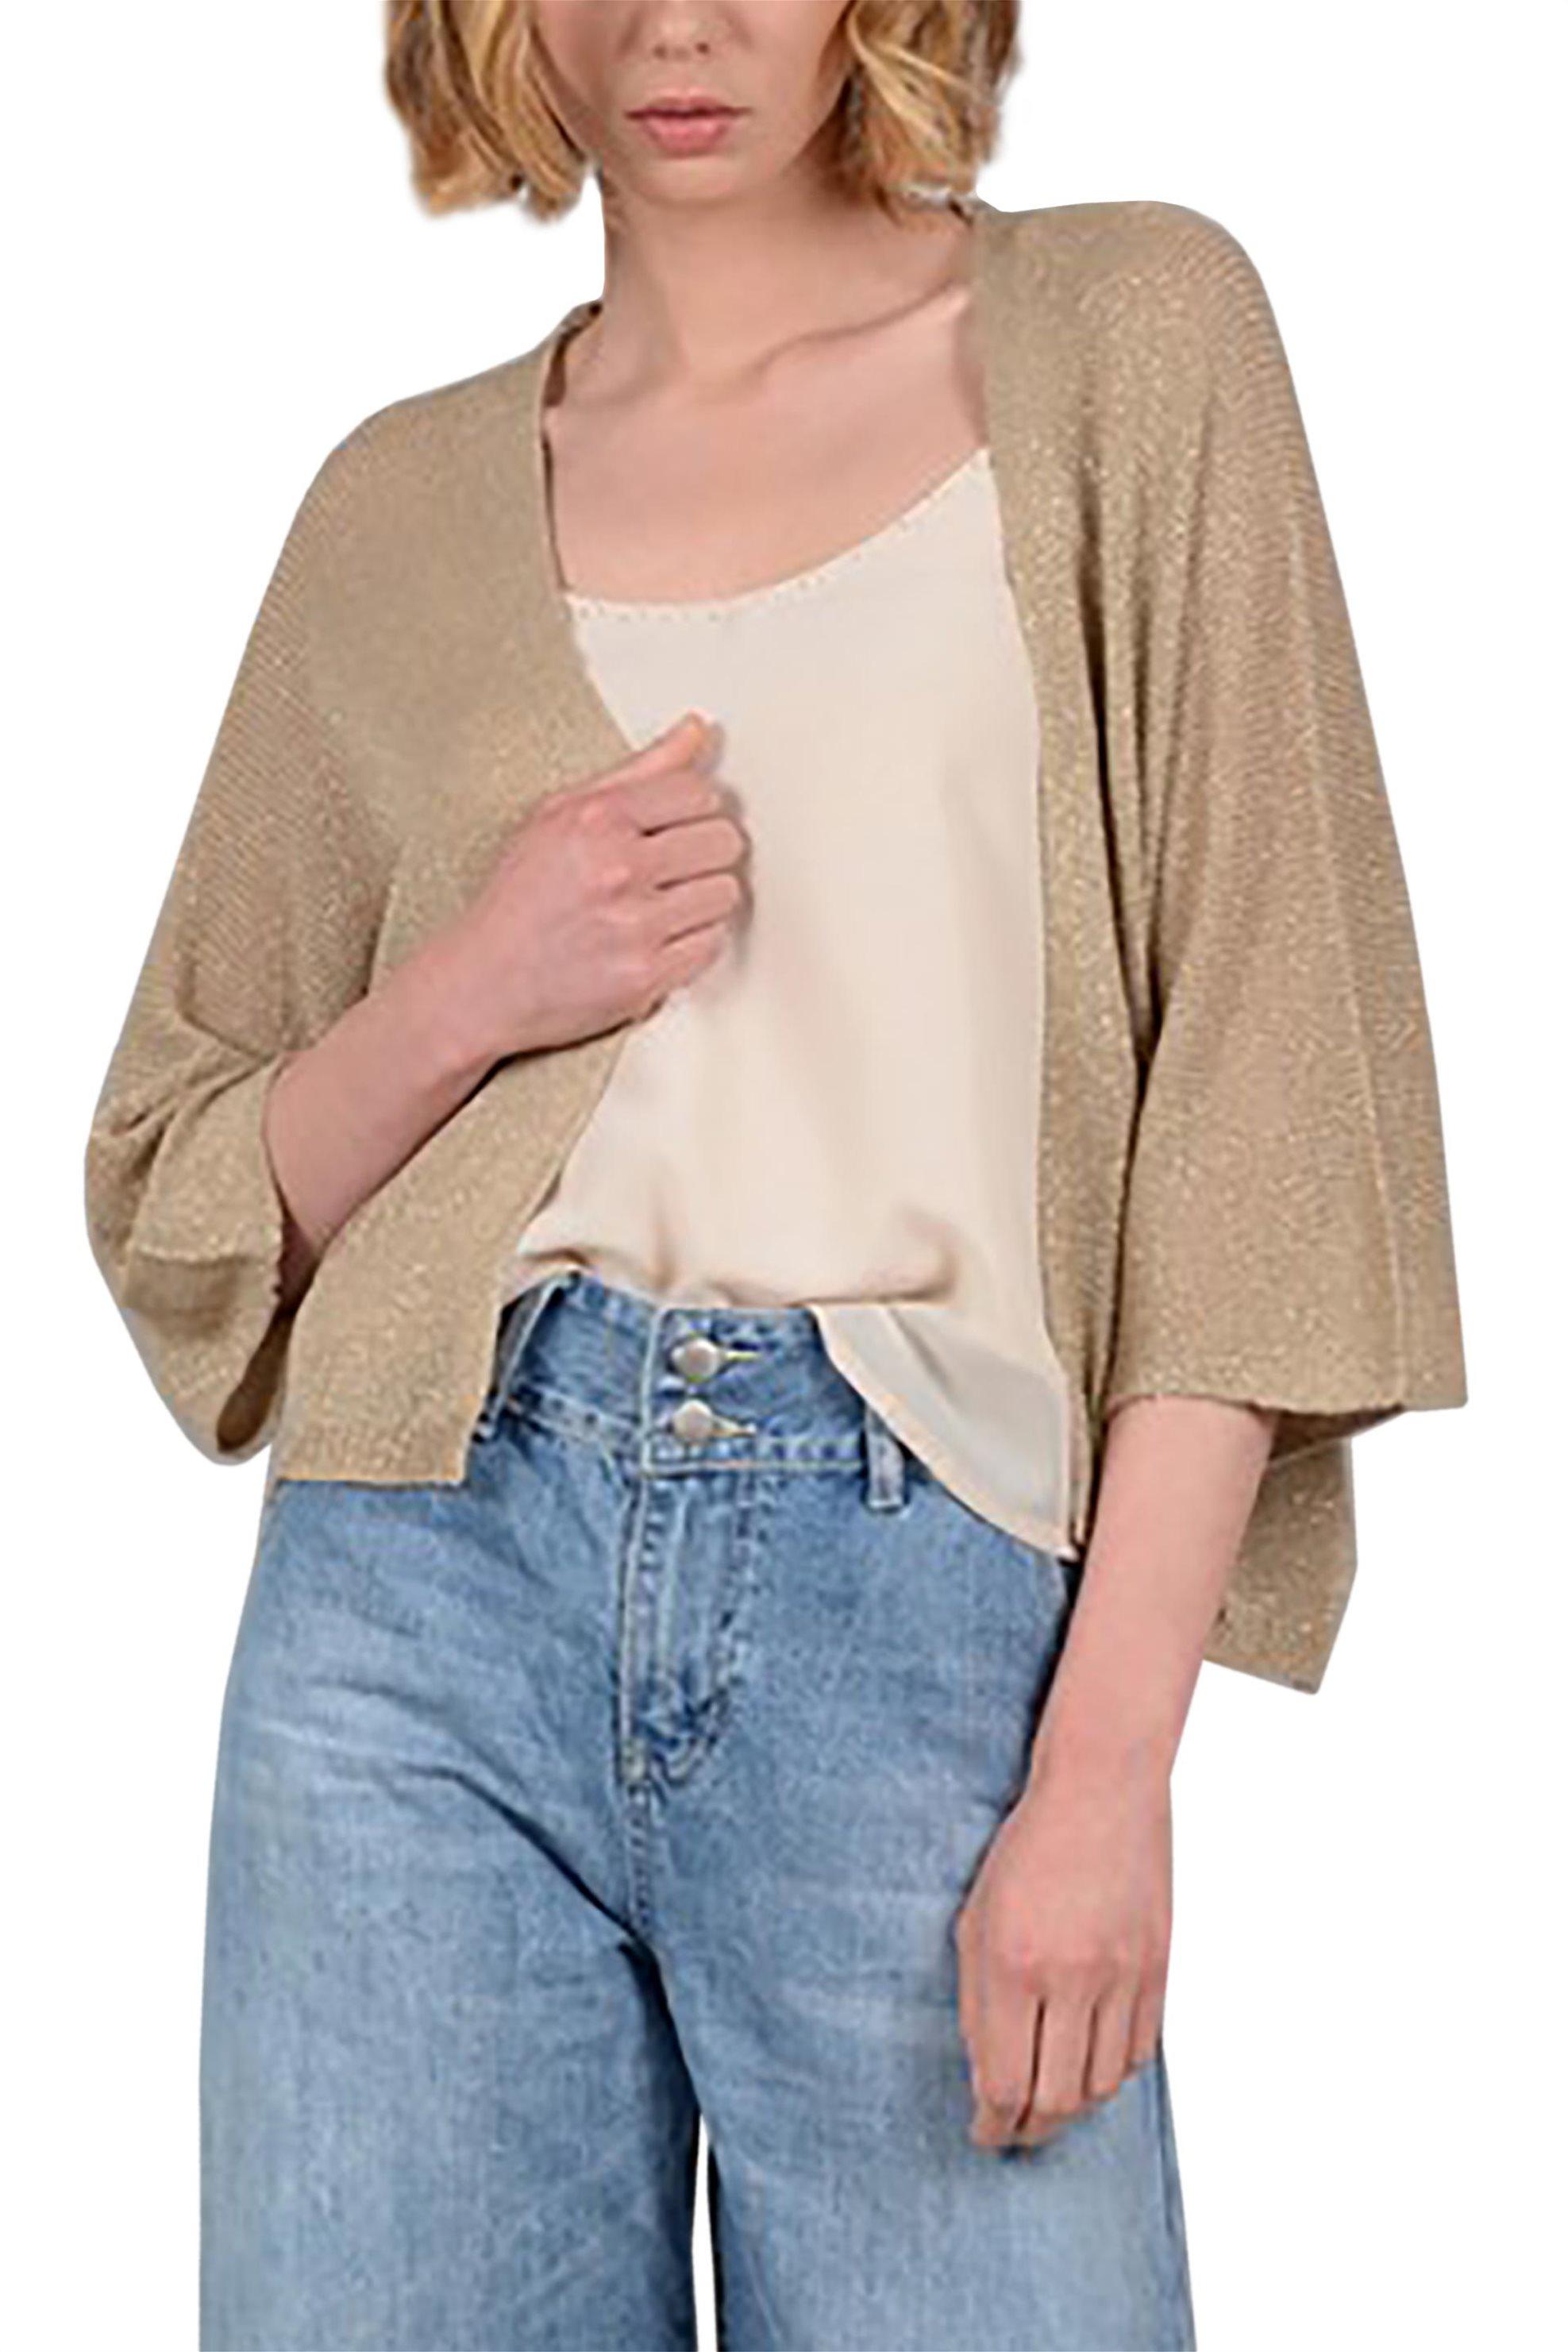 Molly Bracken γυναικεία πλεκτή ζακέτα με μεταλλικές ίνες - S19MB-S3644 - Χρυσό γυναικα   ρουχα   πλεκτά   ζακέτες